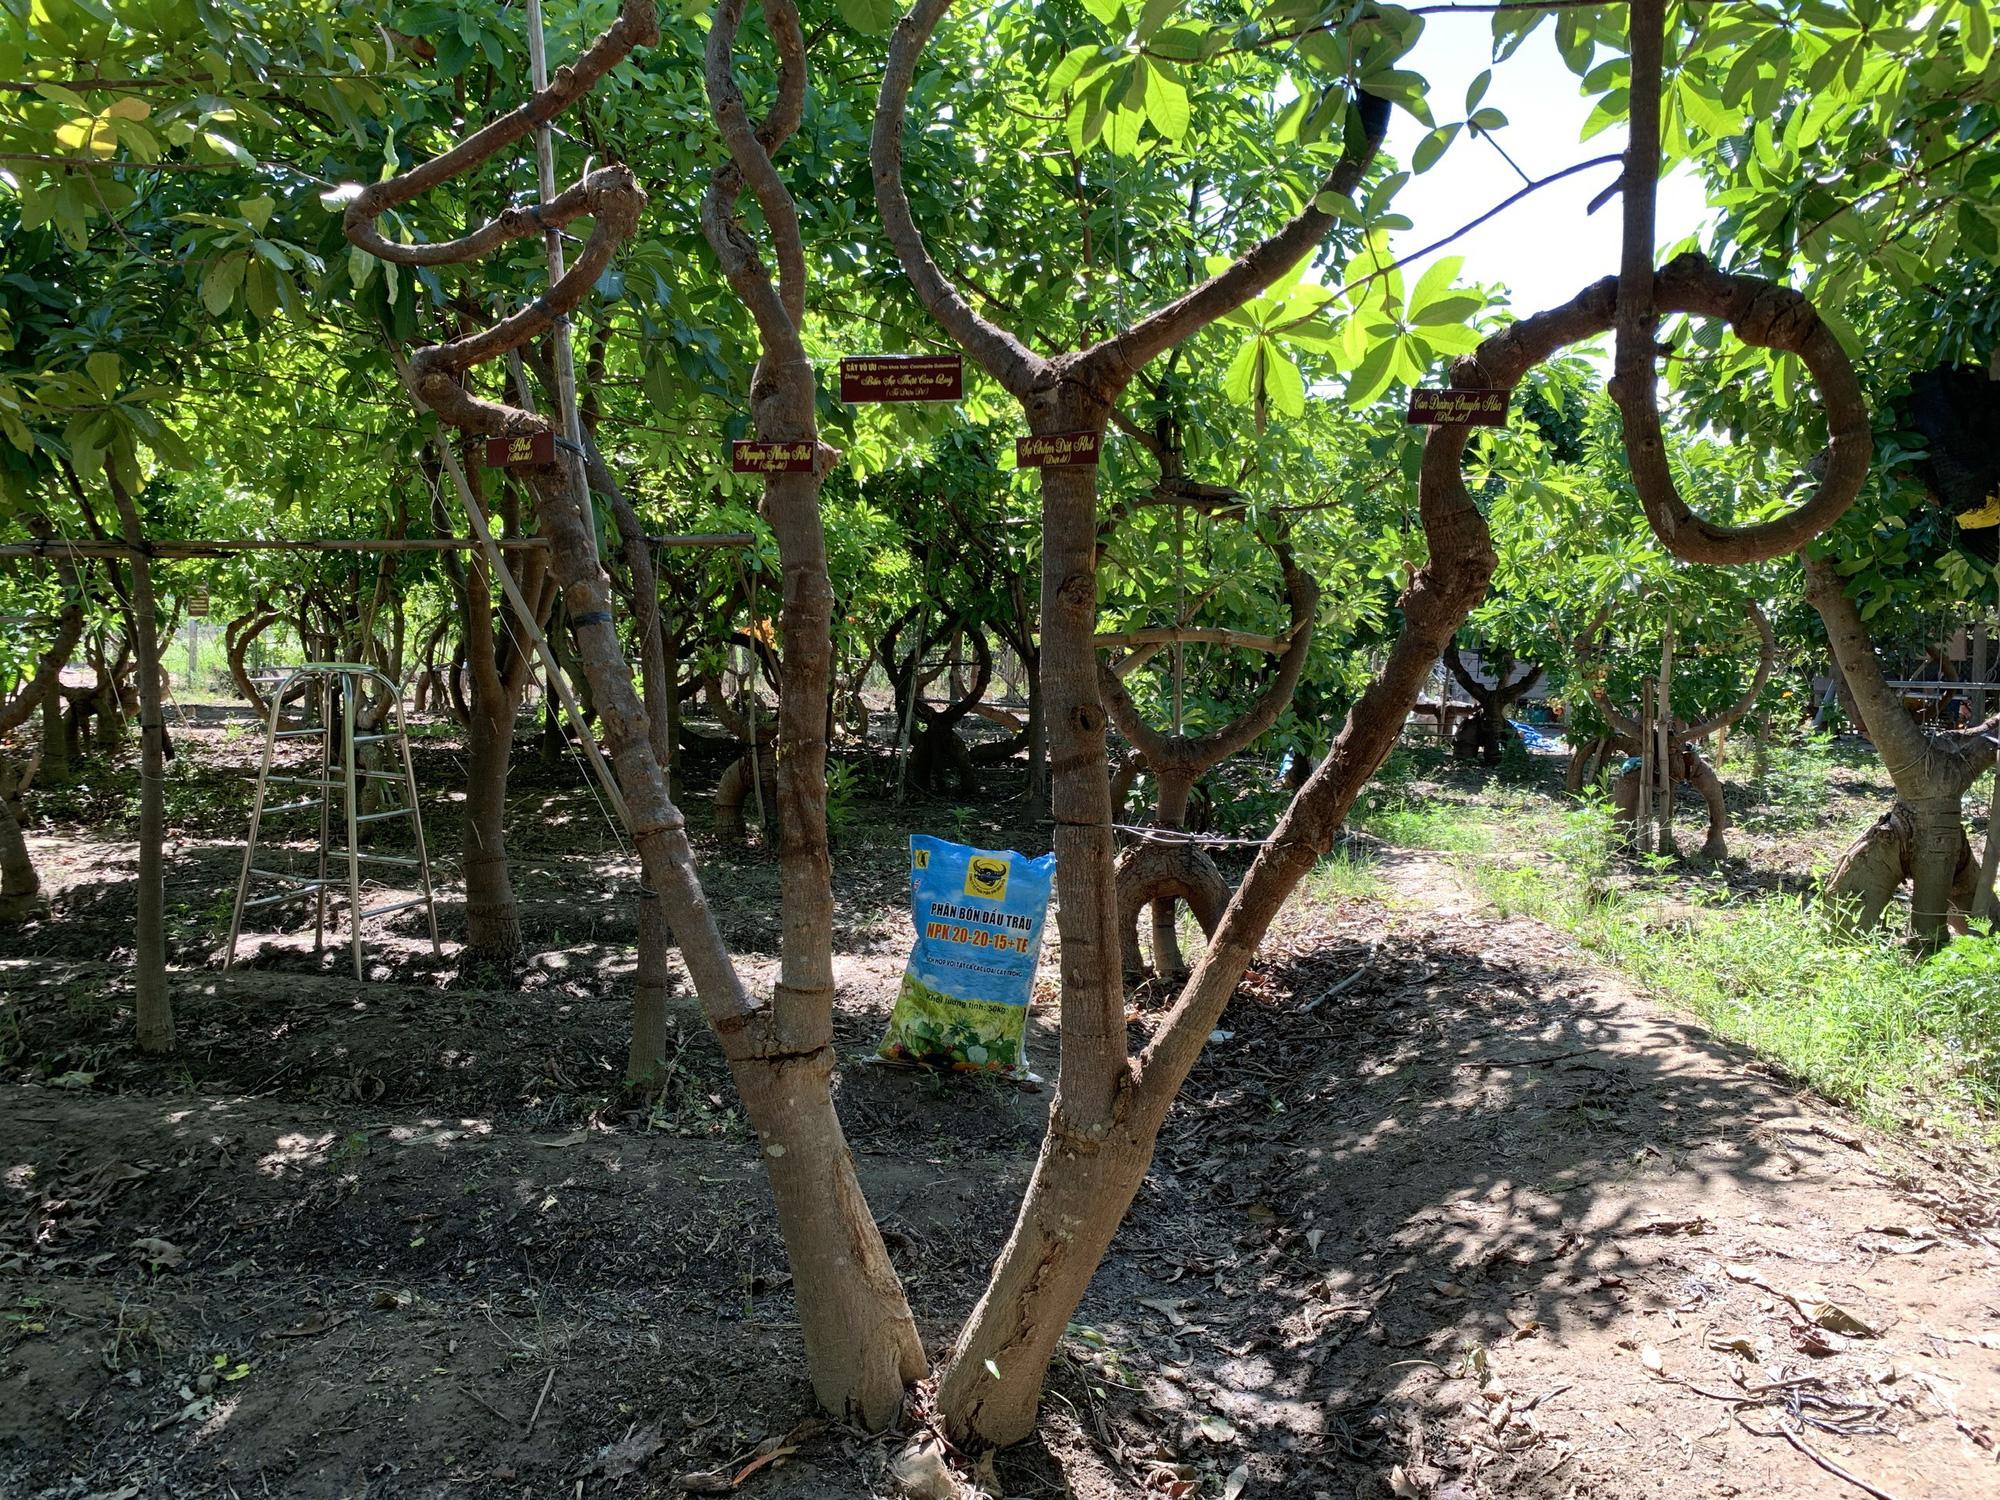 Người nông dân Ninh Thuận mang triết lý Phật giáo vào vườn cây - Ảnh 2.